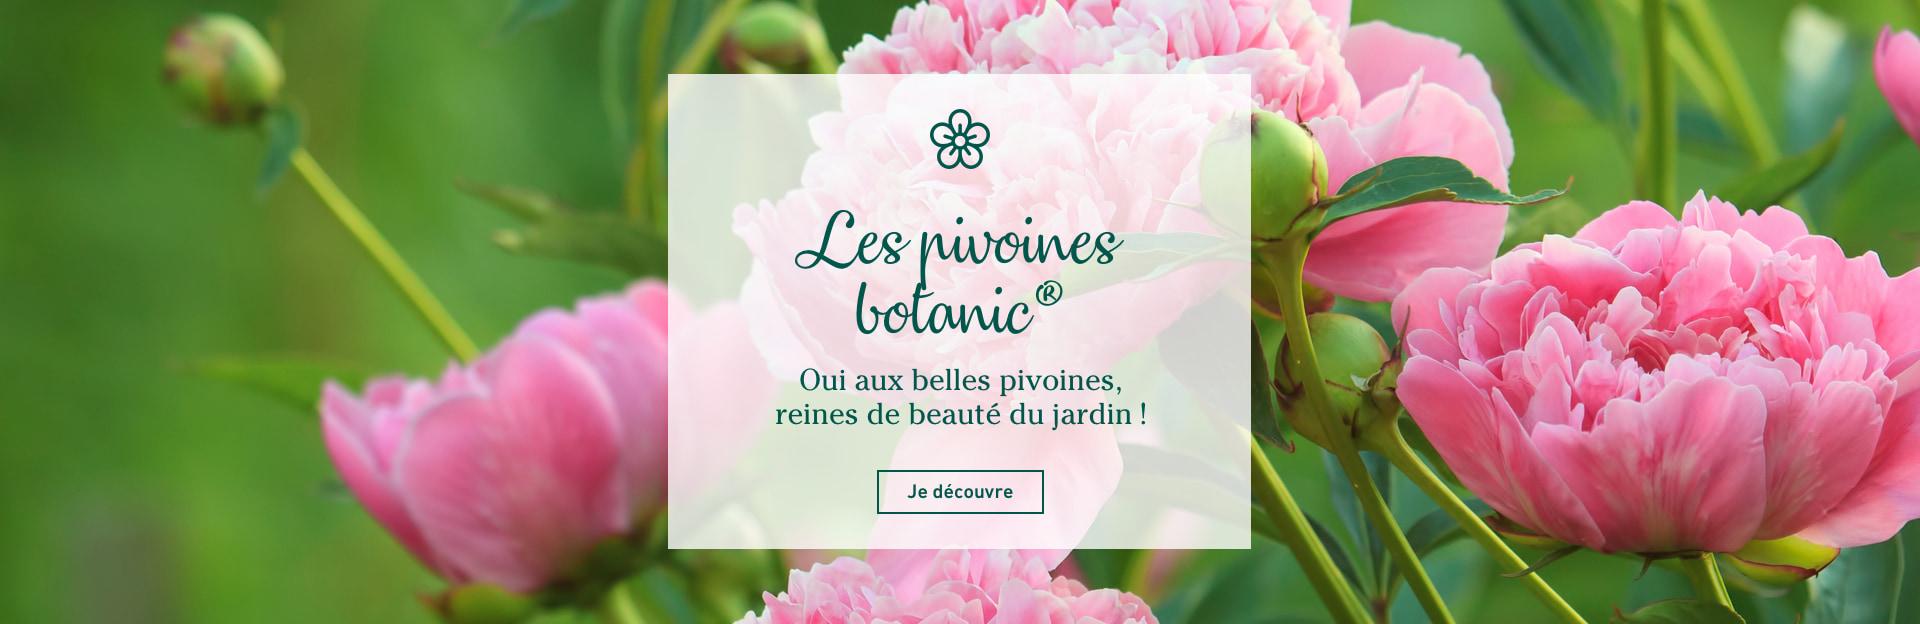 Les pivoines botanic®